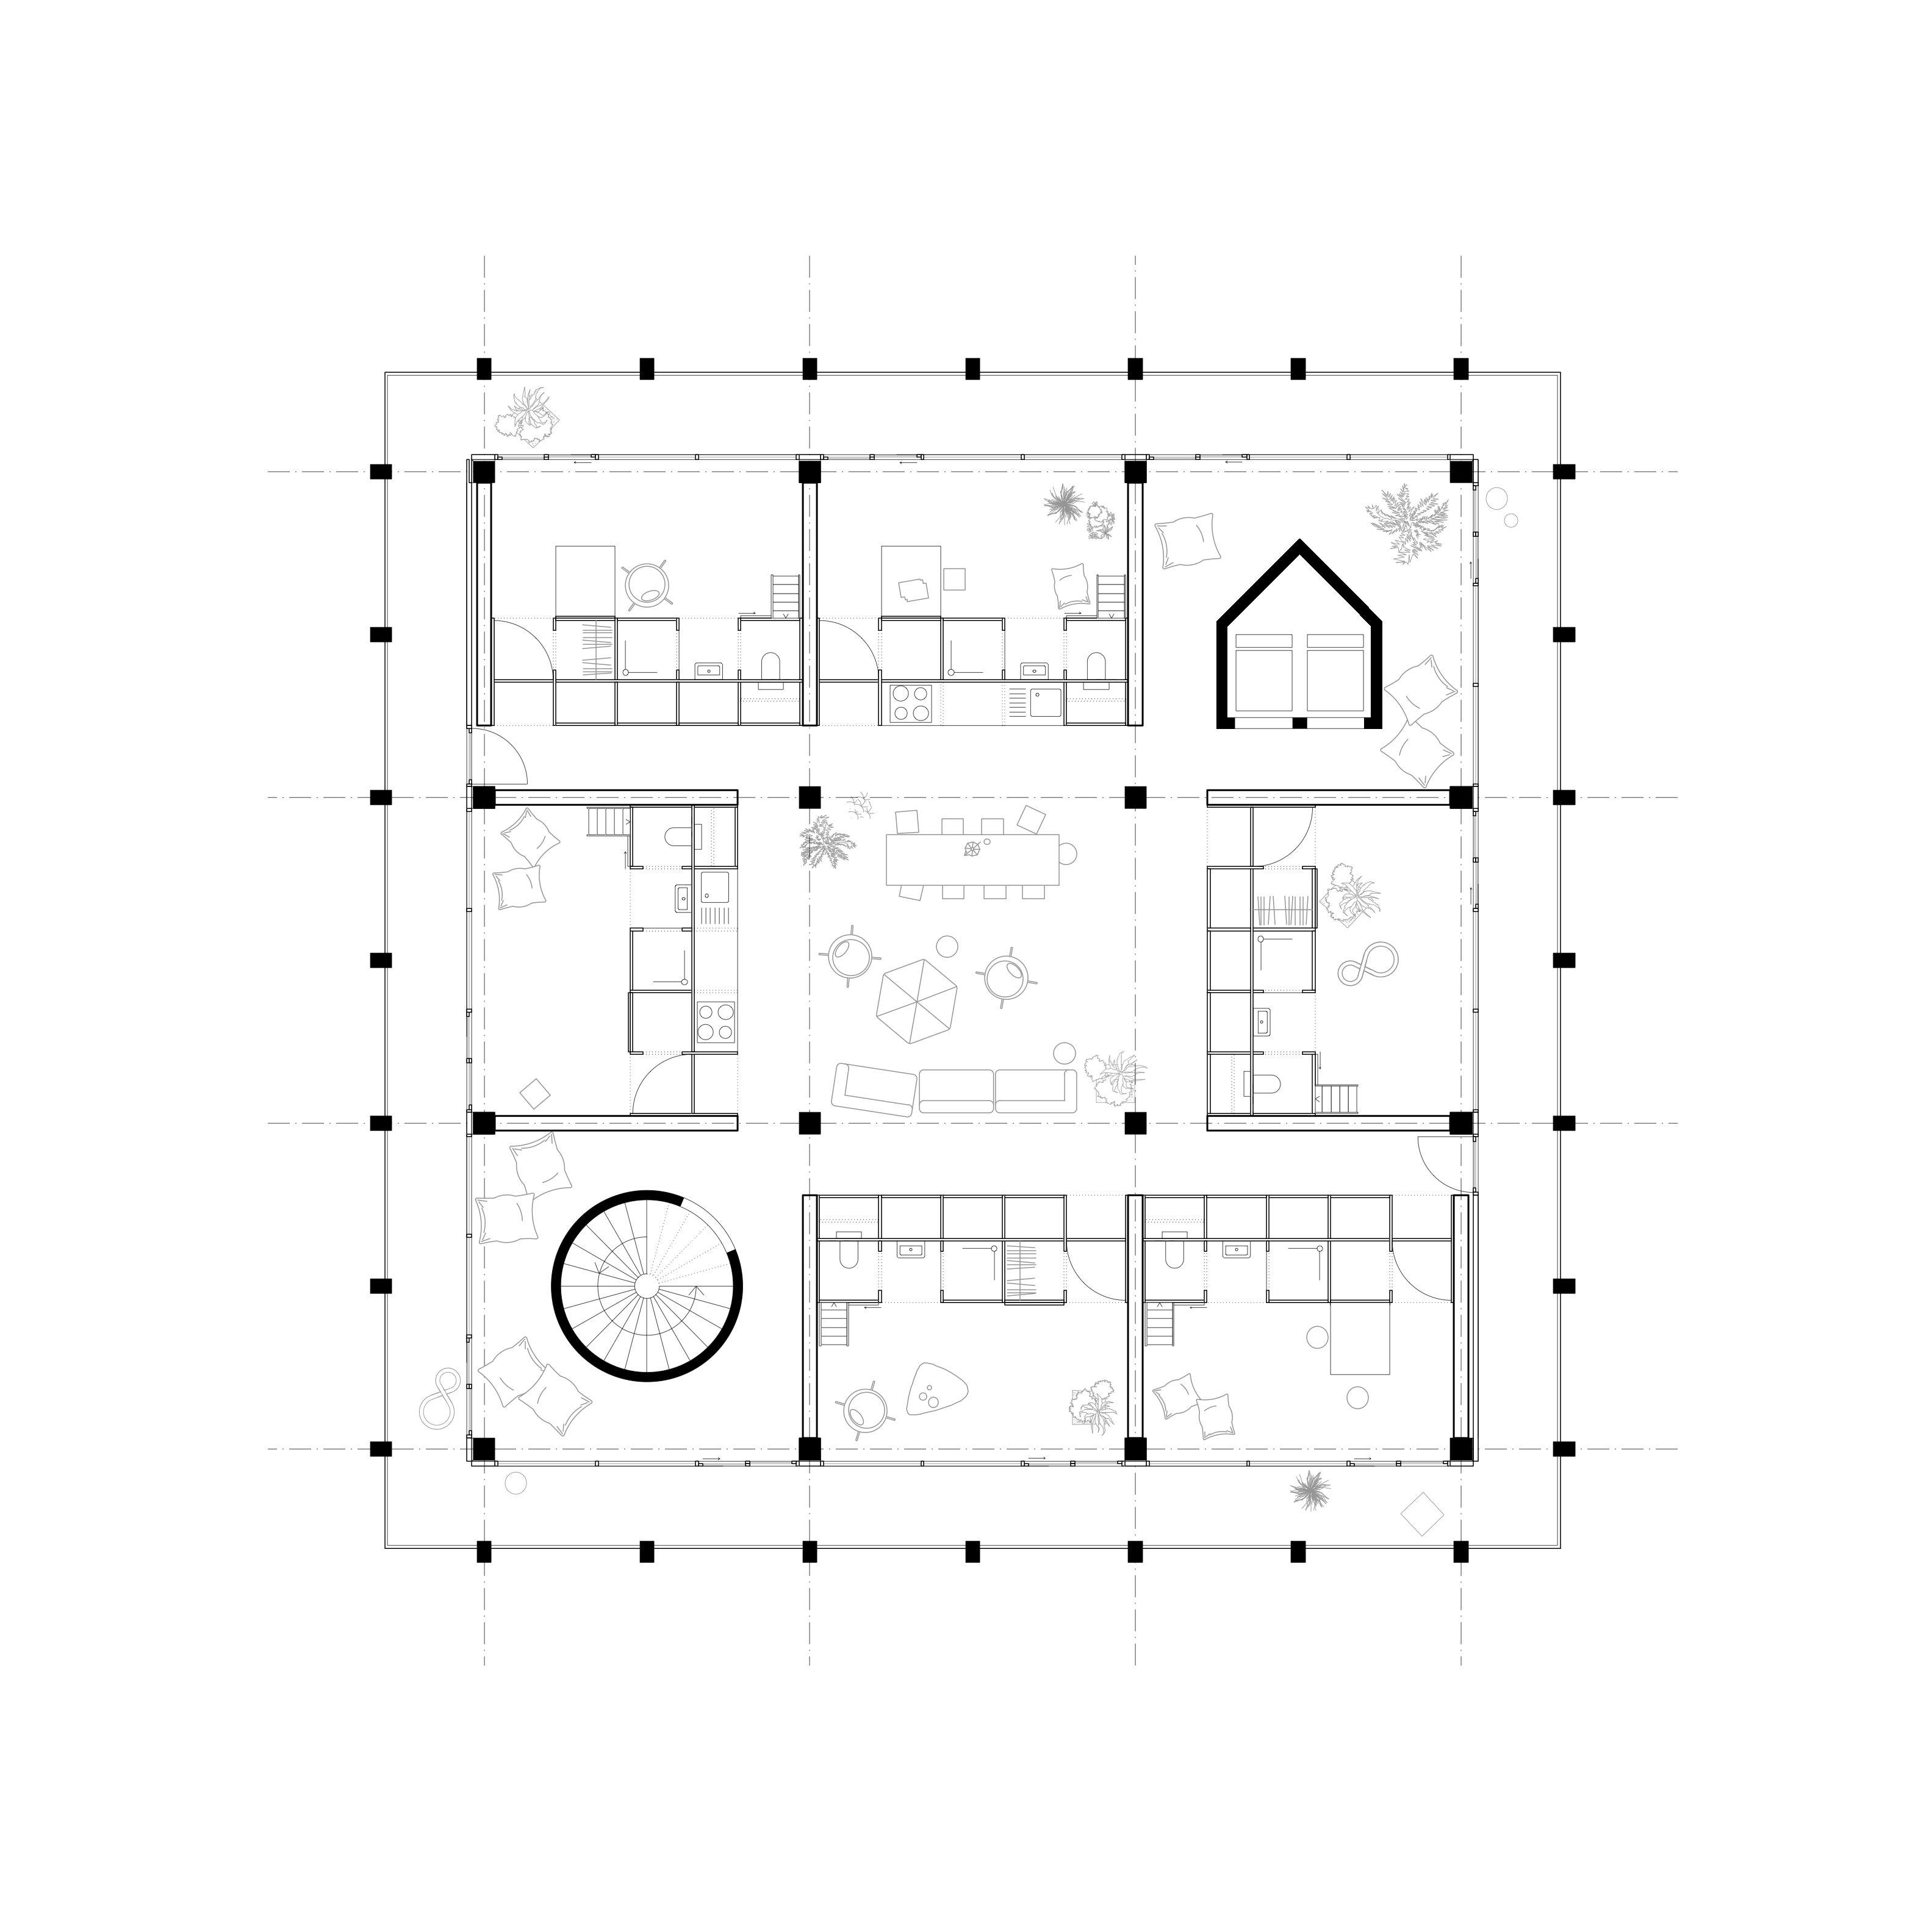 plan d'annexe de maison